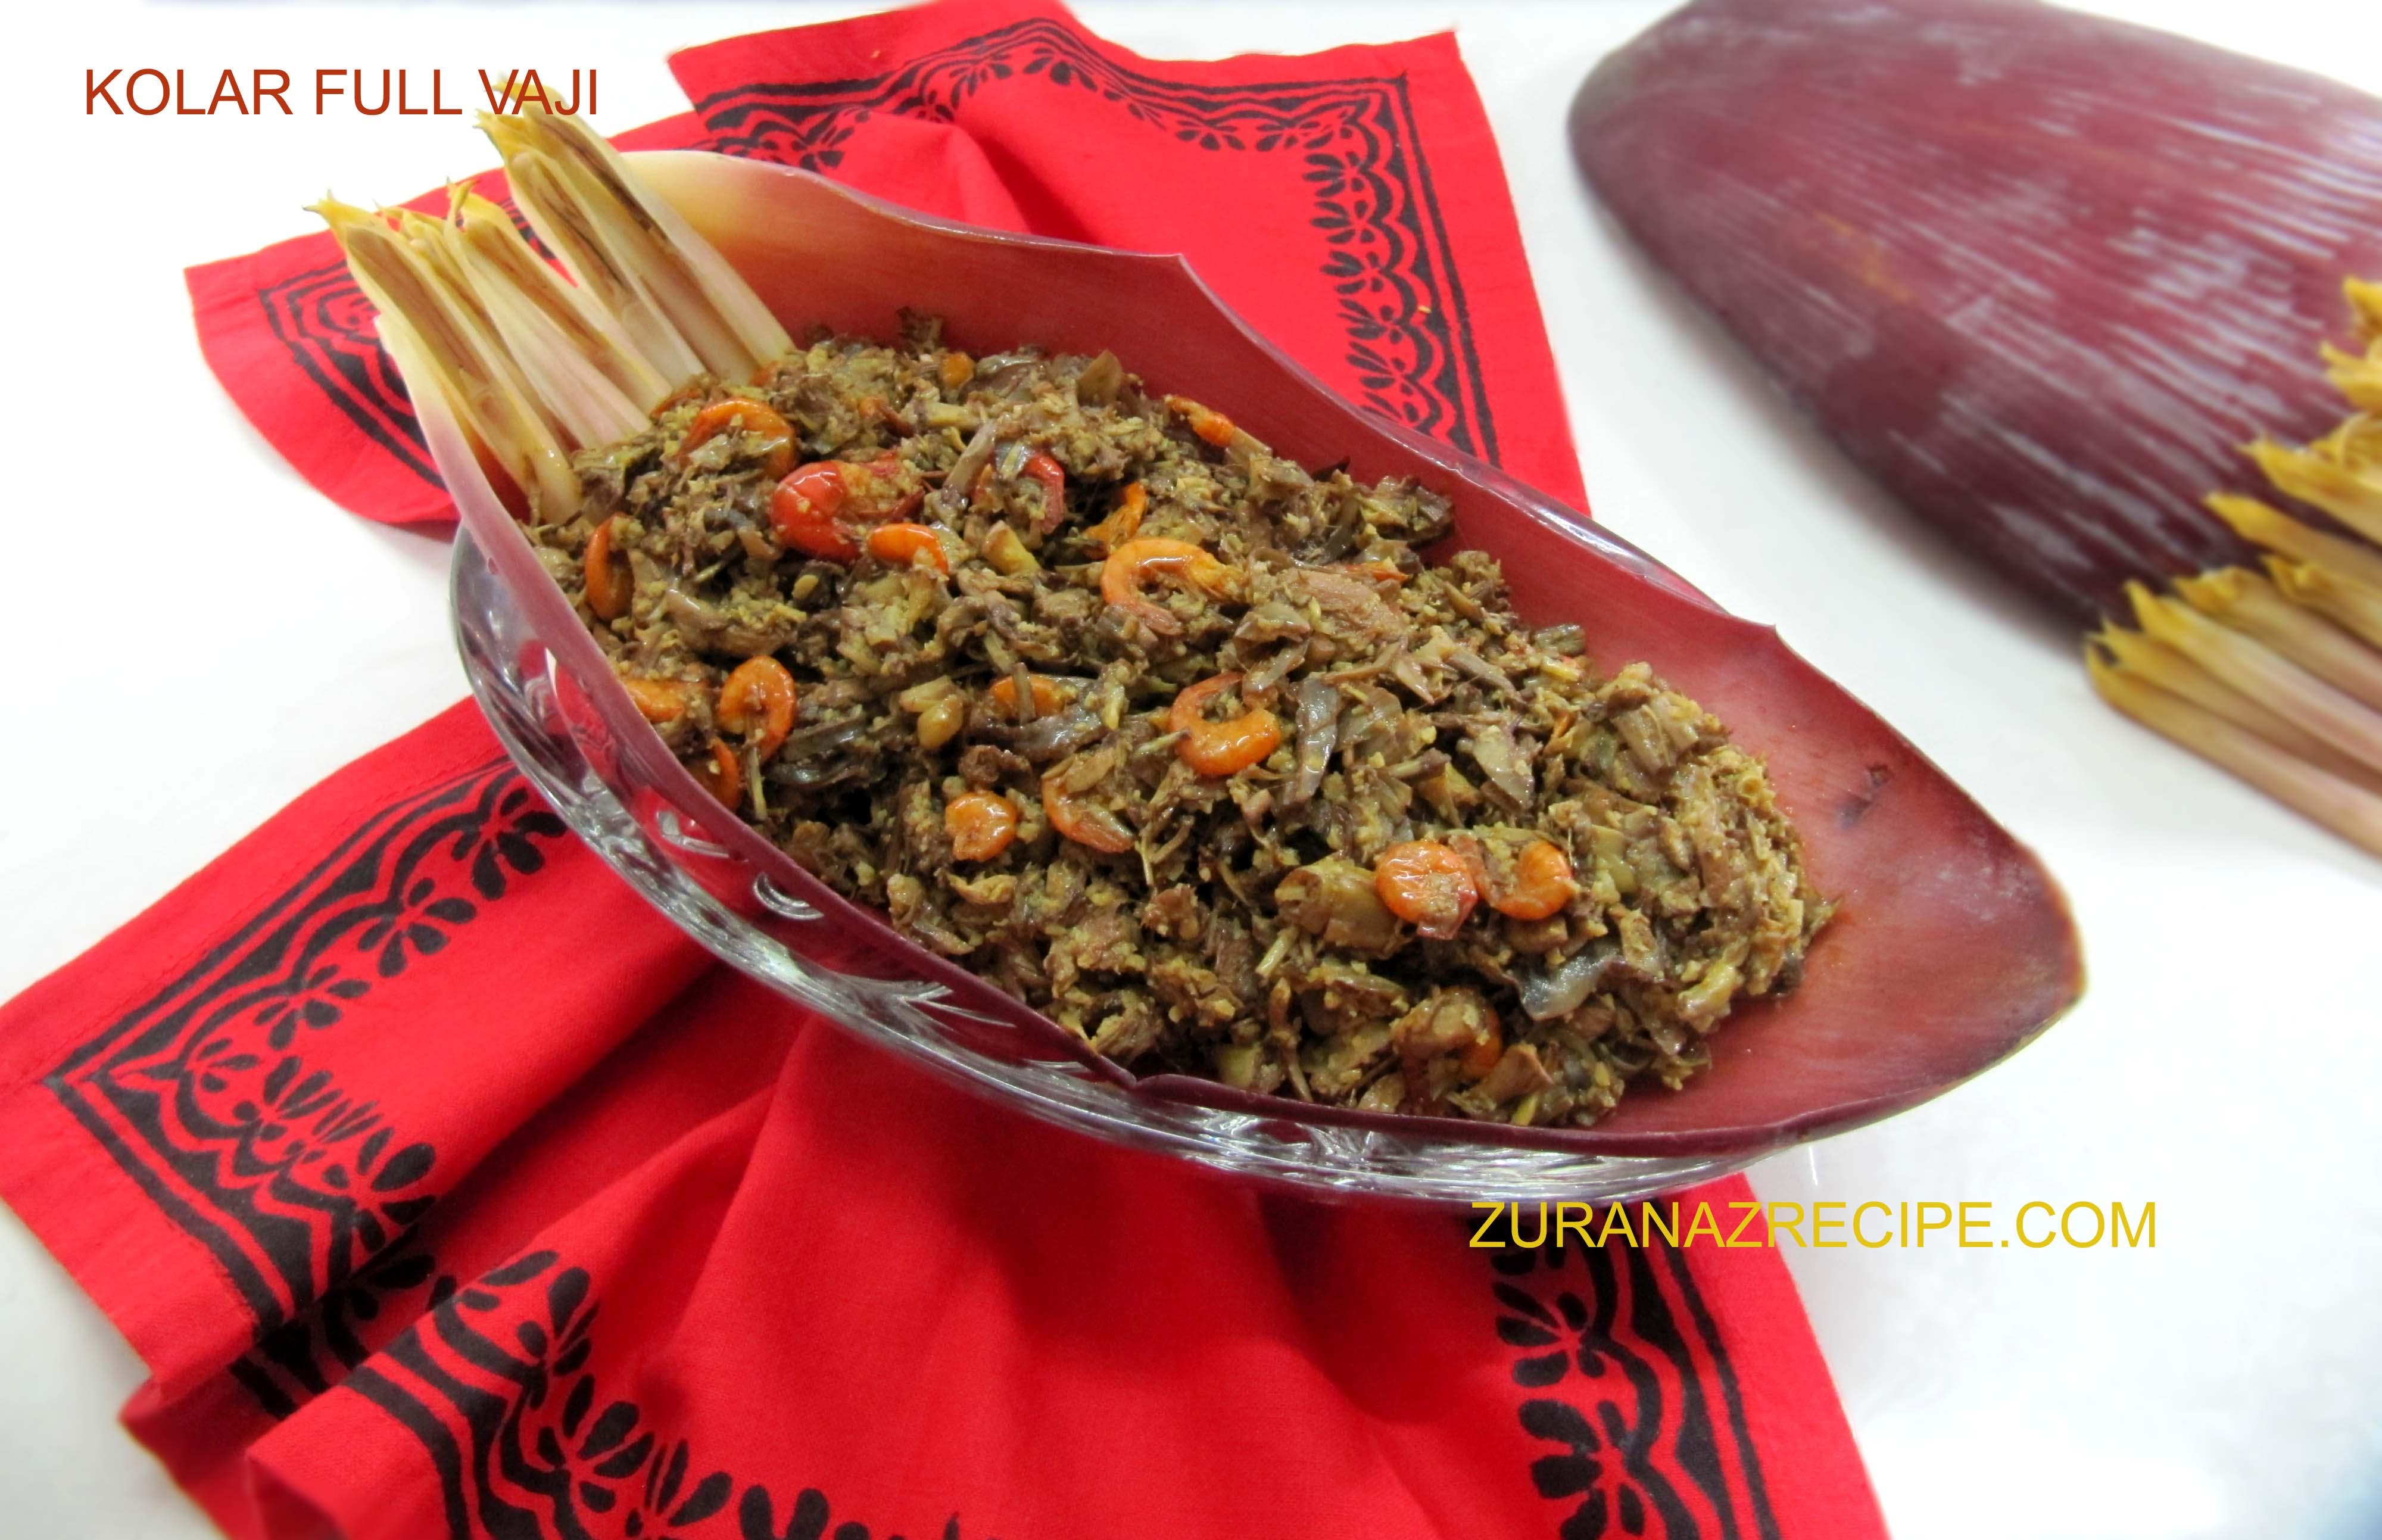 Kolar Phul Bhaja/Kolar Mocha Bhaja/How to cook cone of banana